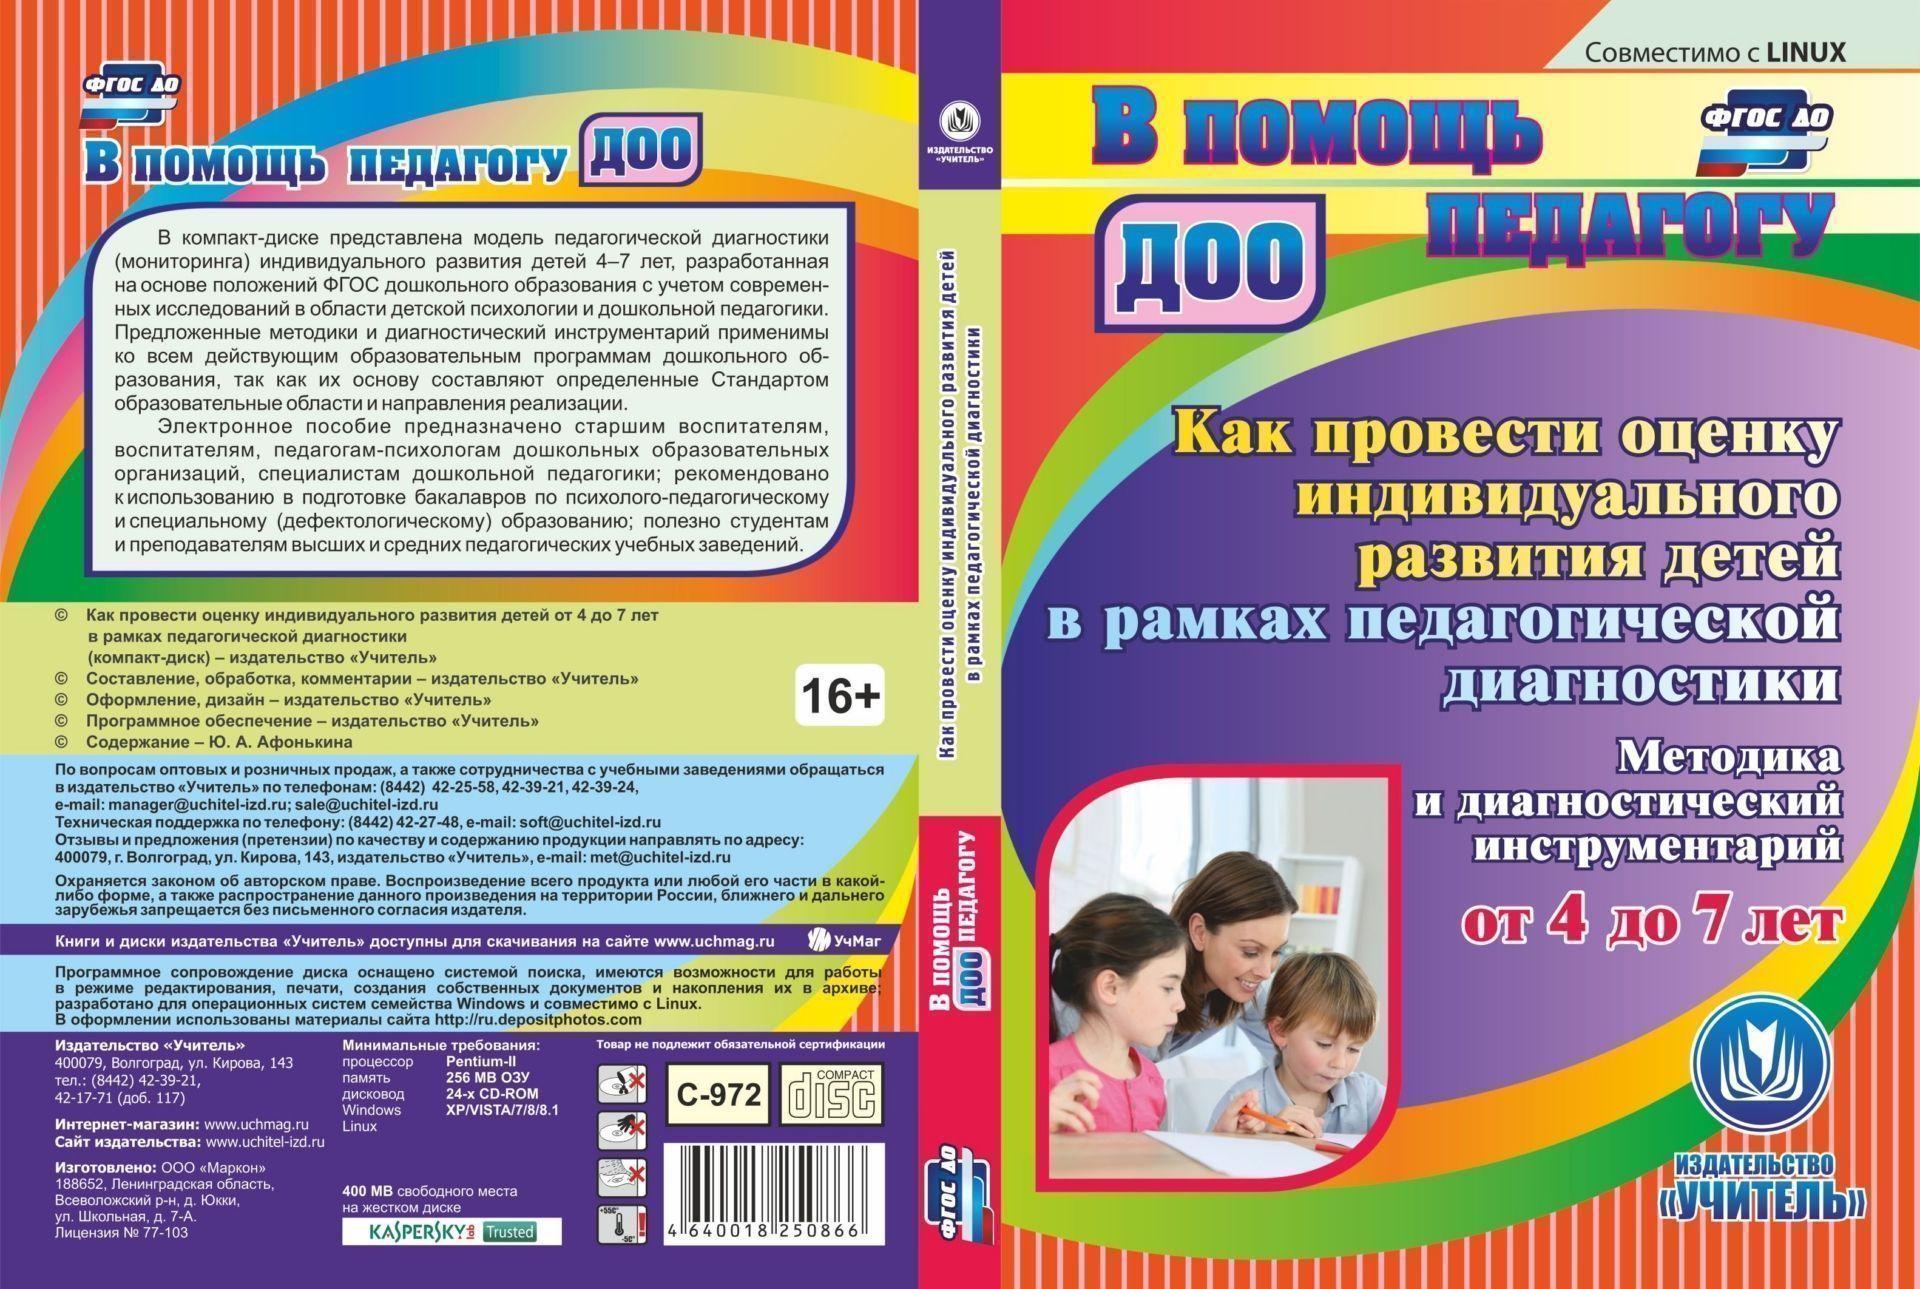 Как провести оценку индивидуального развития детей от 4 до 7 лет в рамках педагогической диагностики. Компакт-диск для компьютера: Методика и диагностический инструментарий